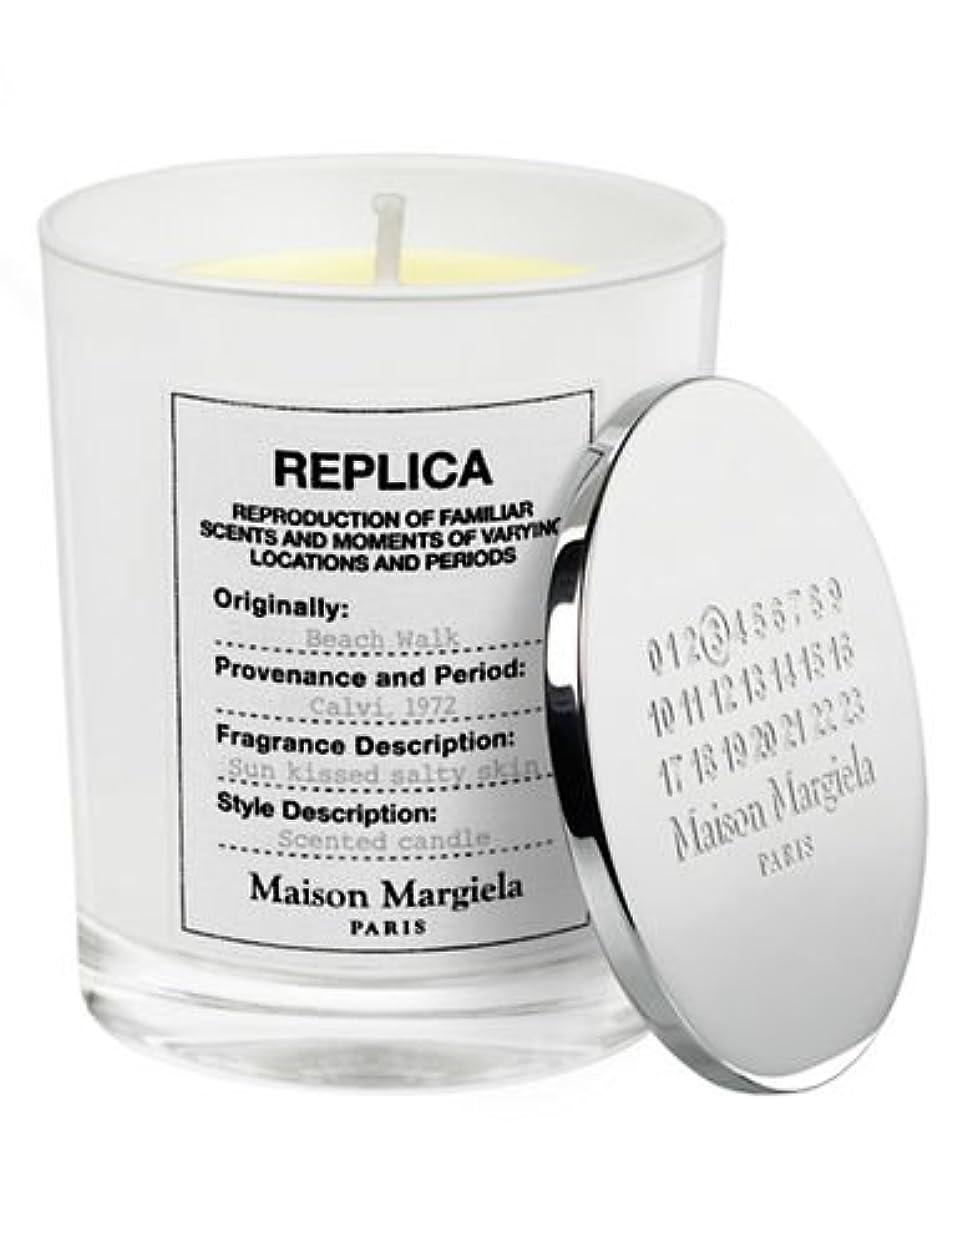 ( 1 ) Maison Margiela 'レプリカ' Beach Walk Scented Candle 5.82oz